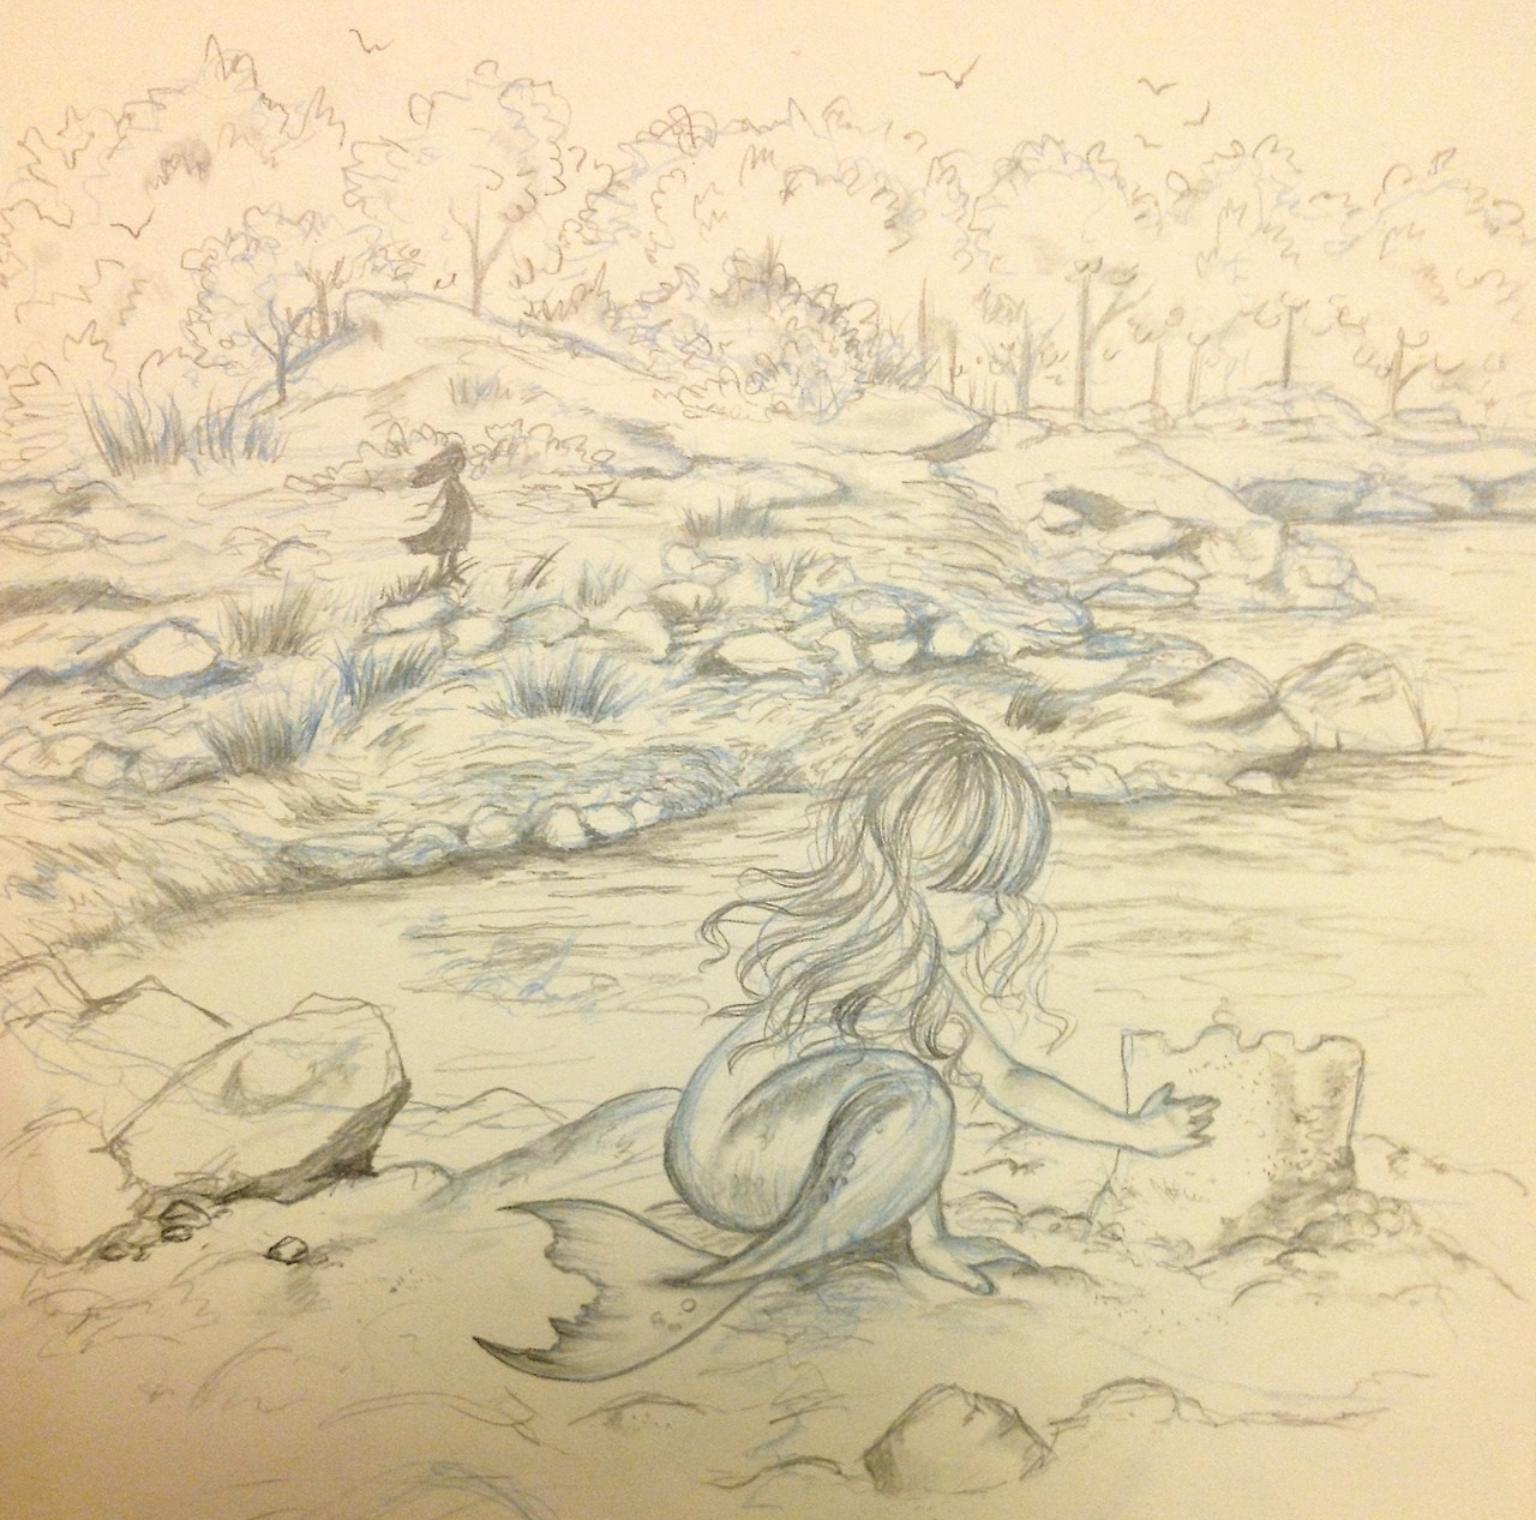 little_mer_sketch.png